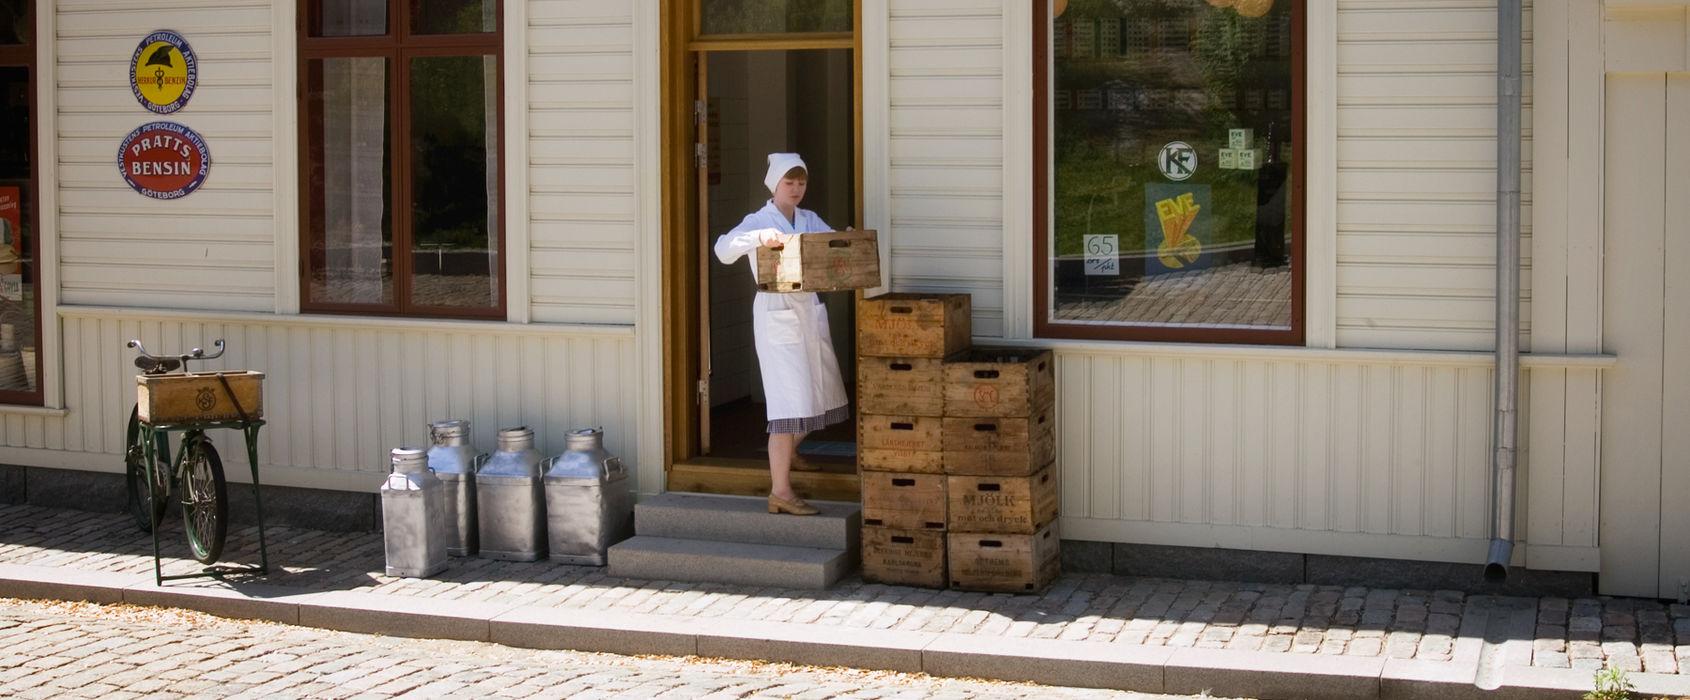 Konsumbutiken på Skansen